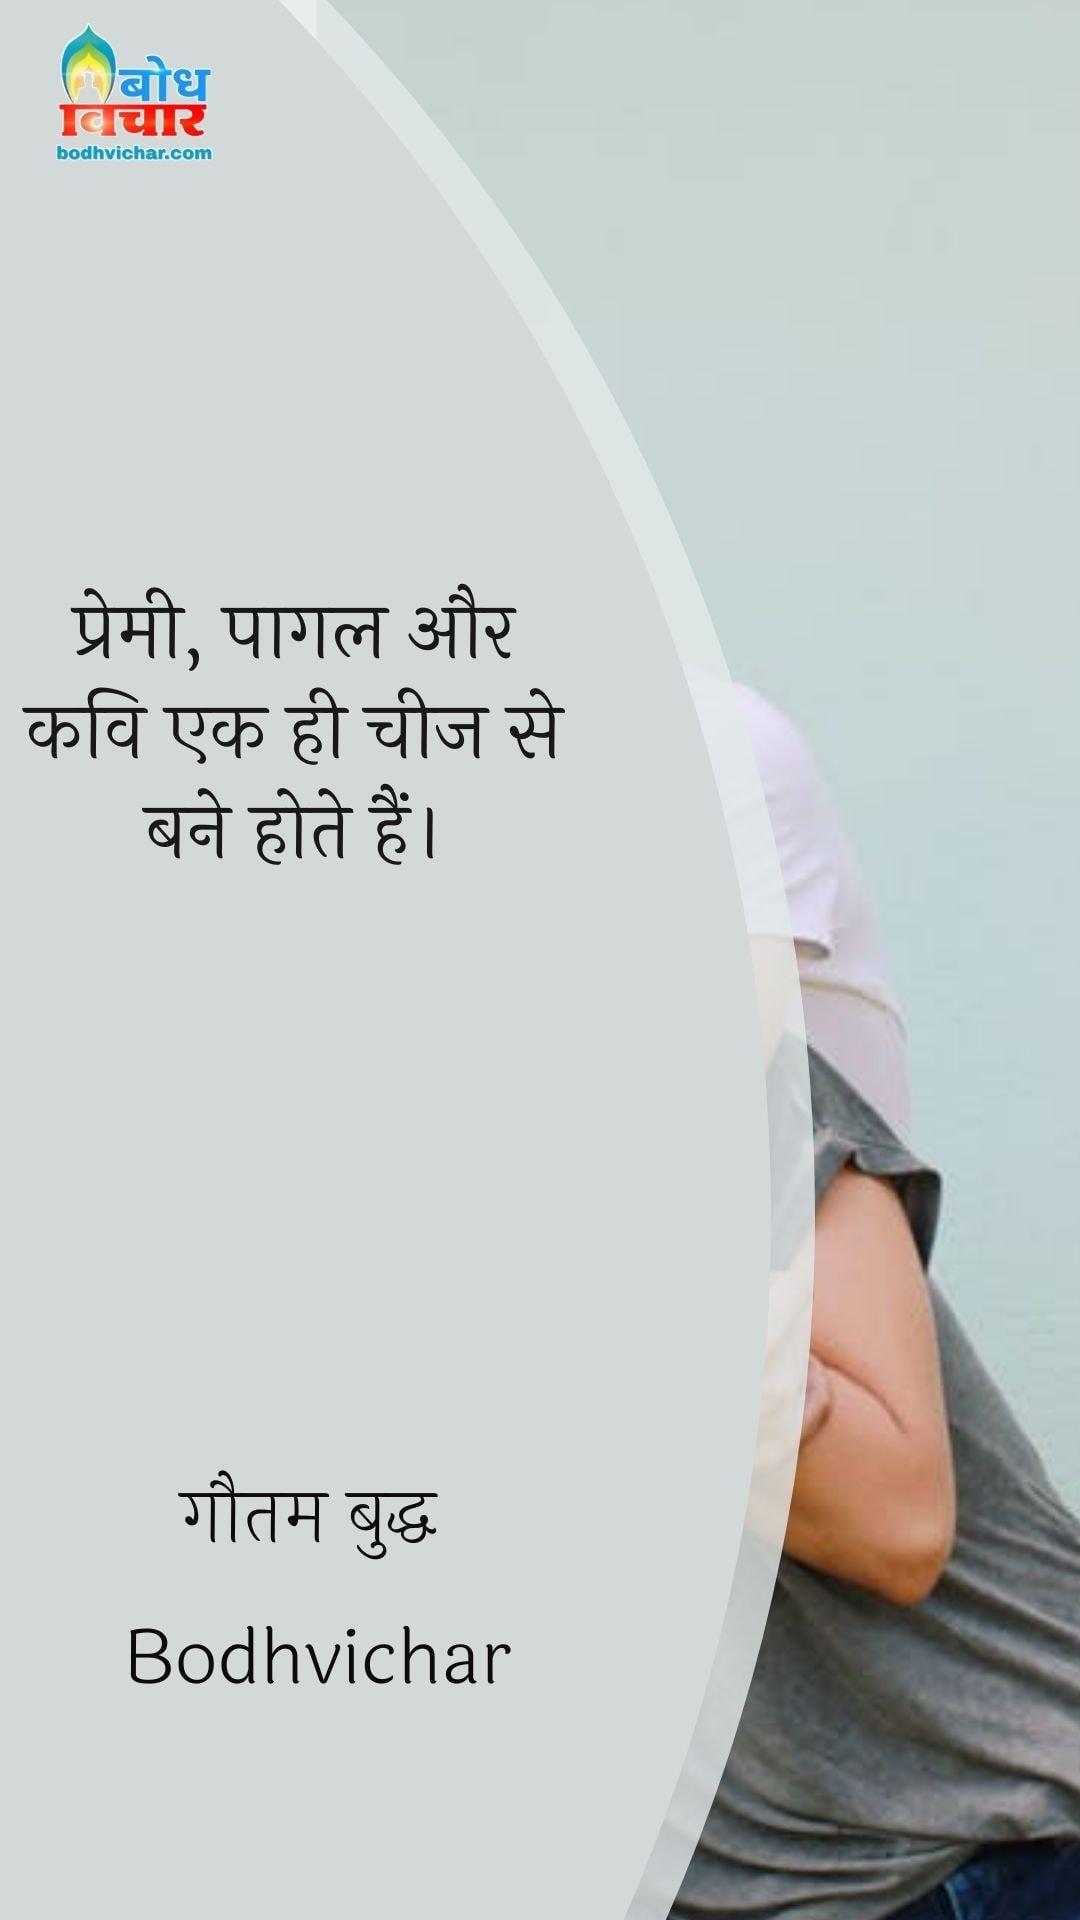 प्रेमी, पागल और कवि एक ही चीज से बने होते हैं। : Premi, pagal aur kavueek hi mitti ke bane hote hain. - सरदार भगत सिंह